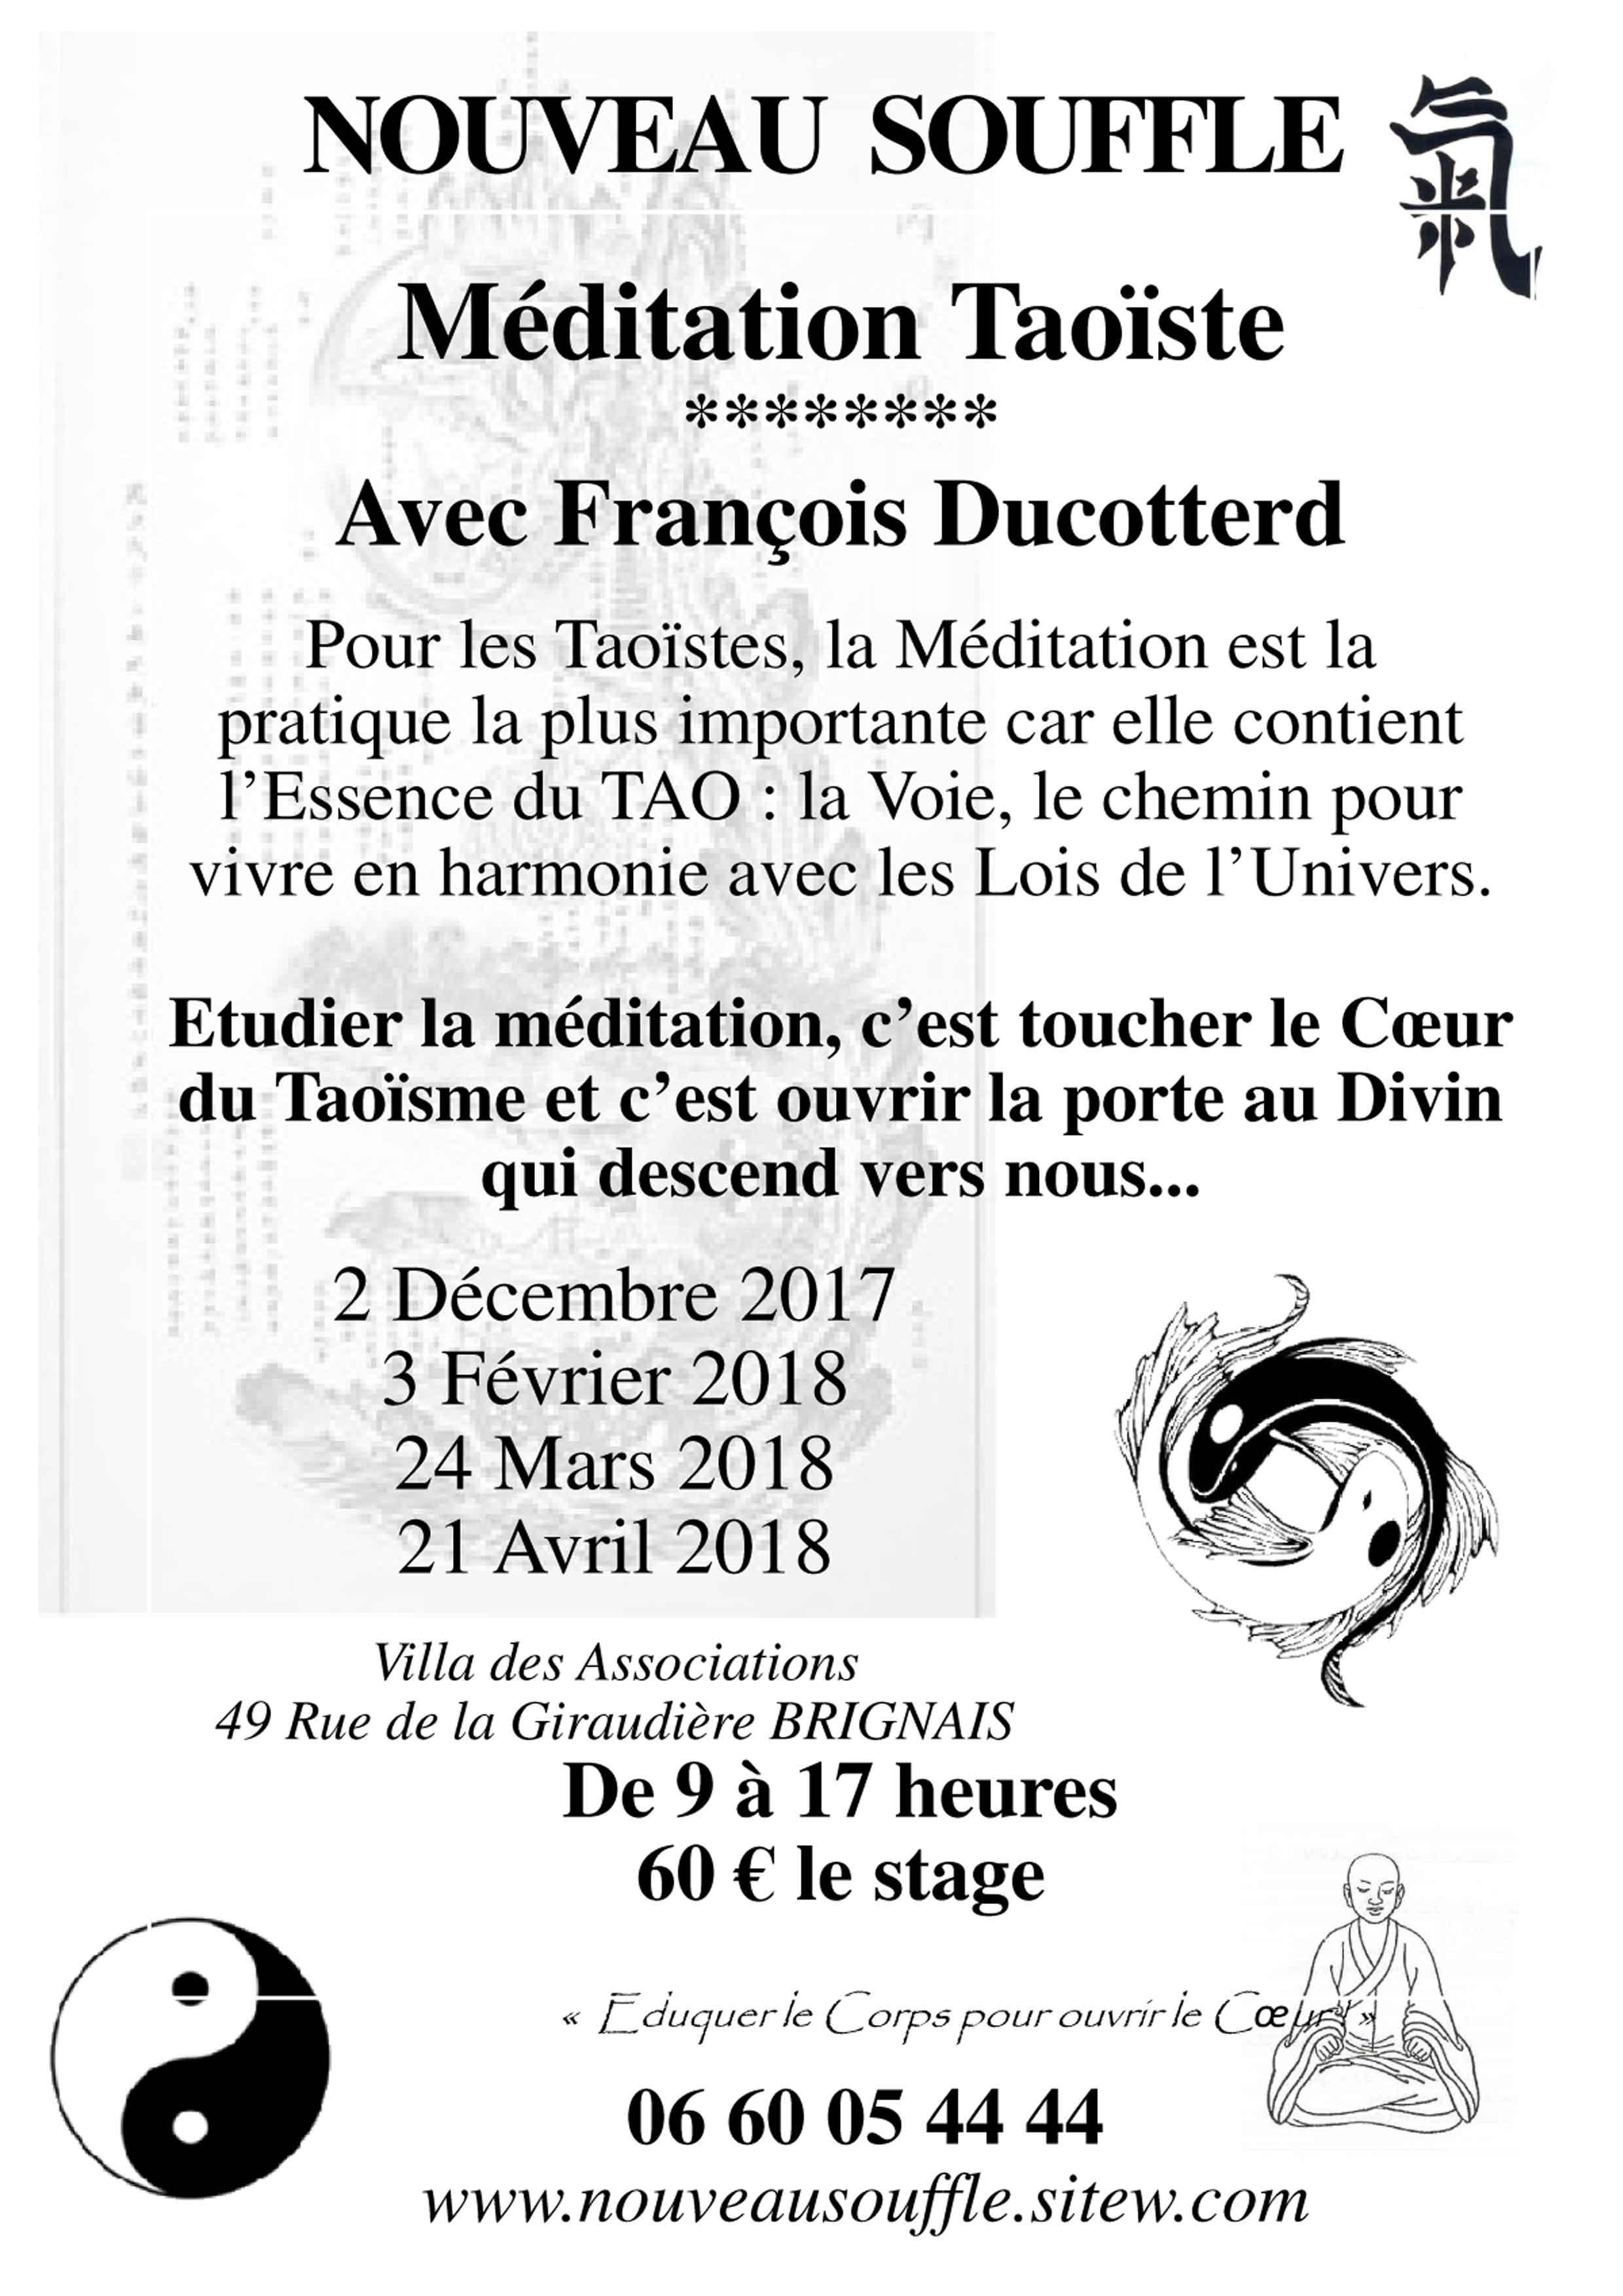 Meditation-2017 - blogetrebien.fr